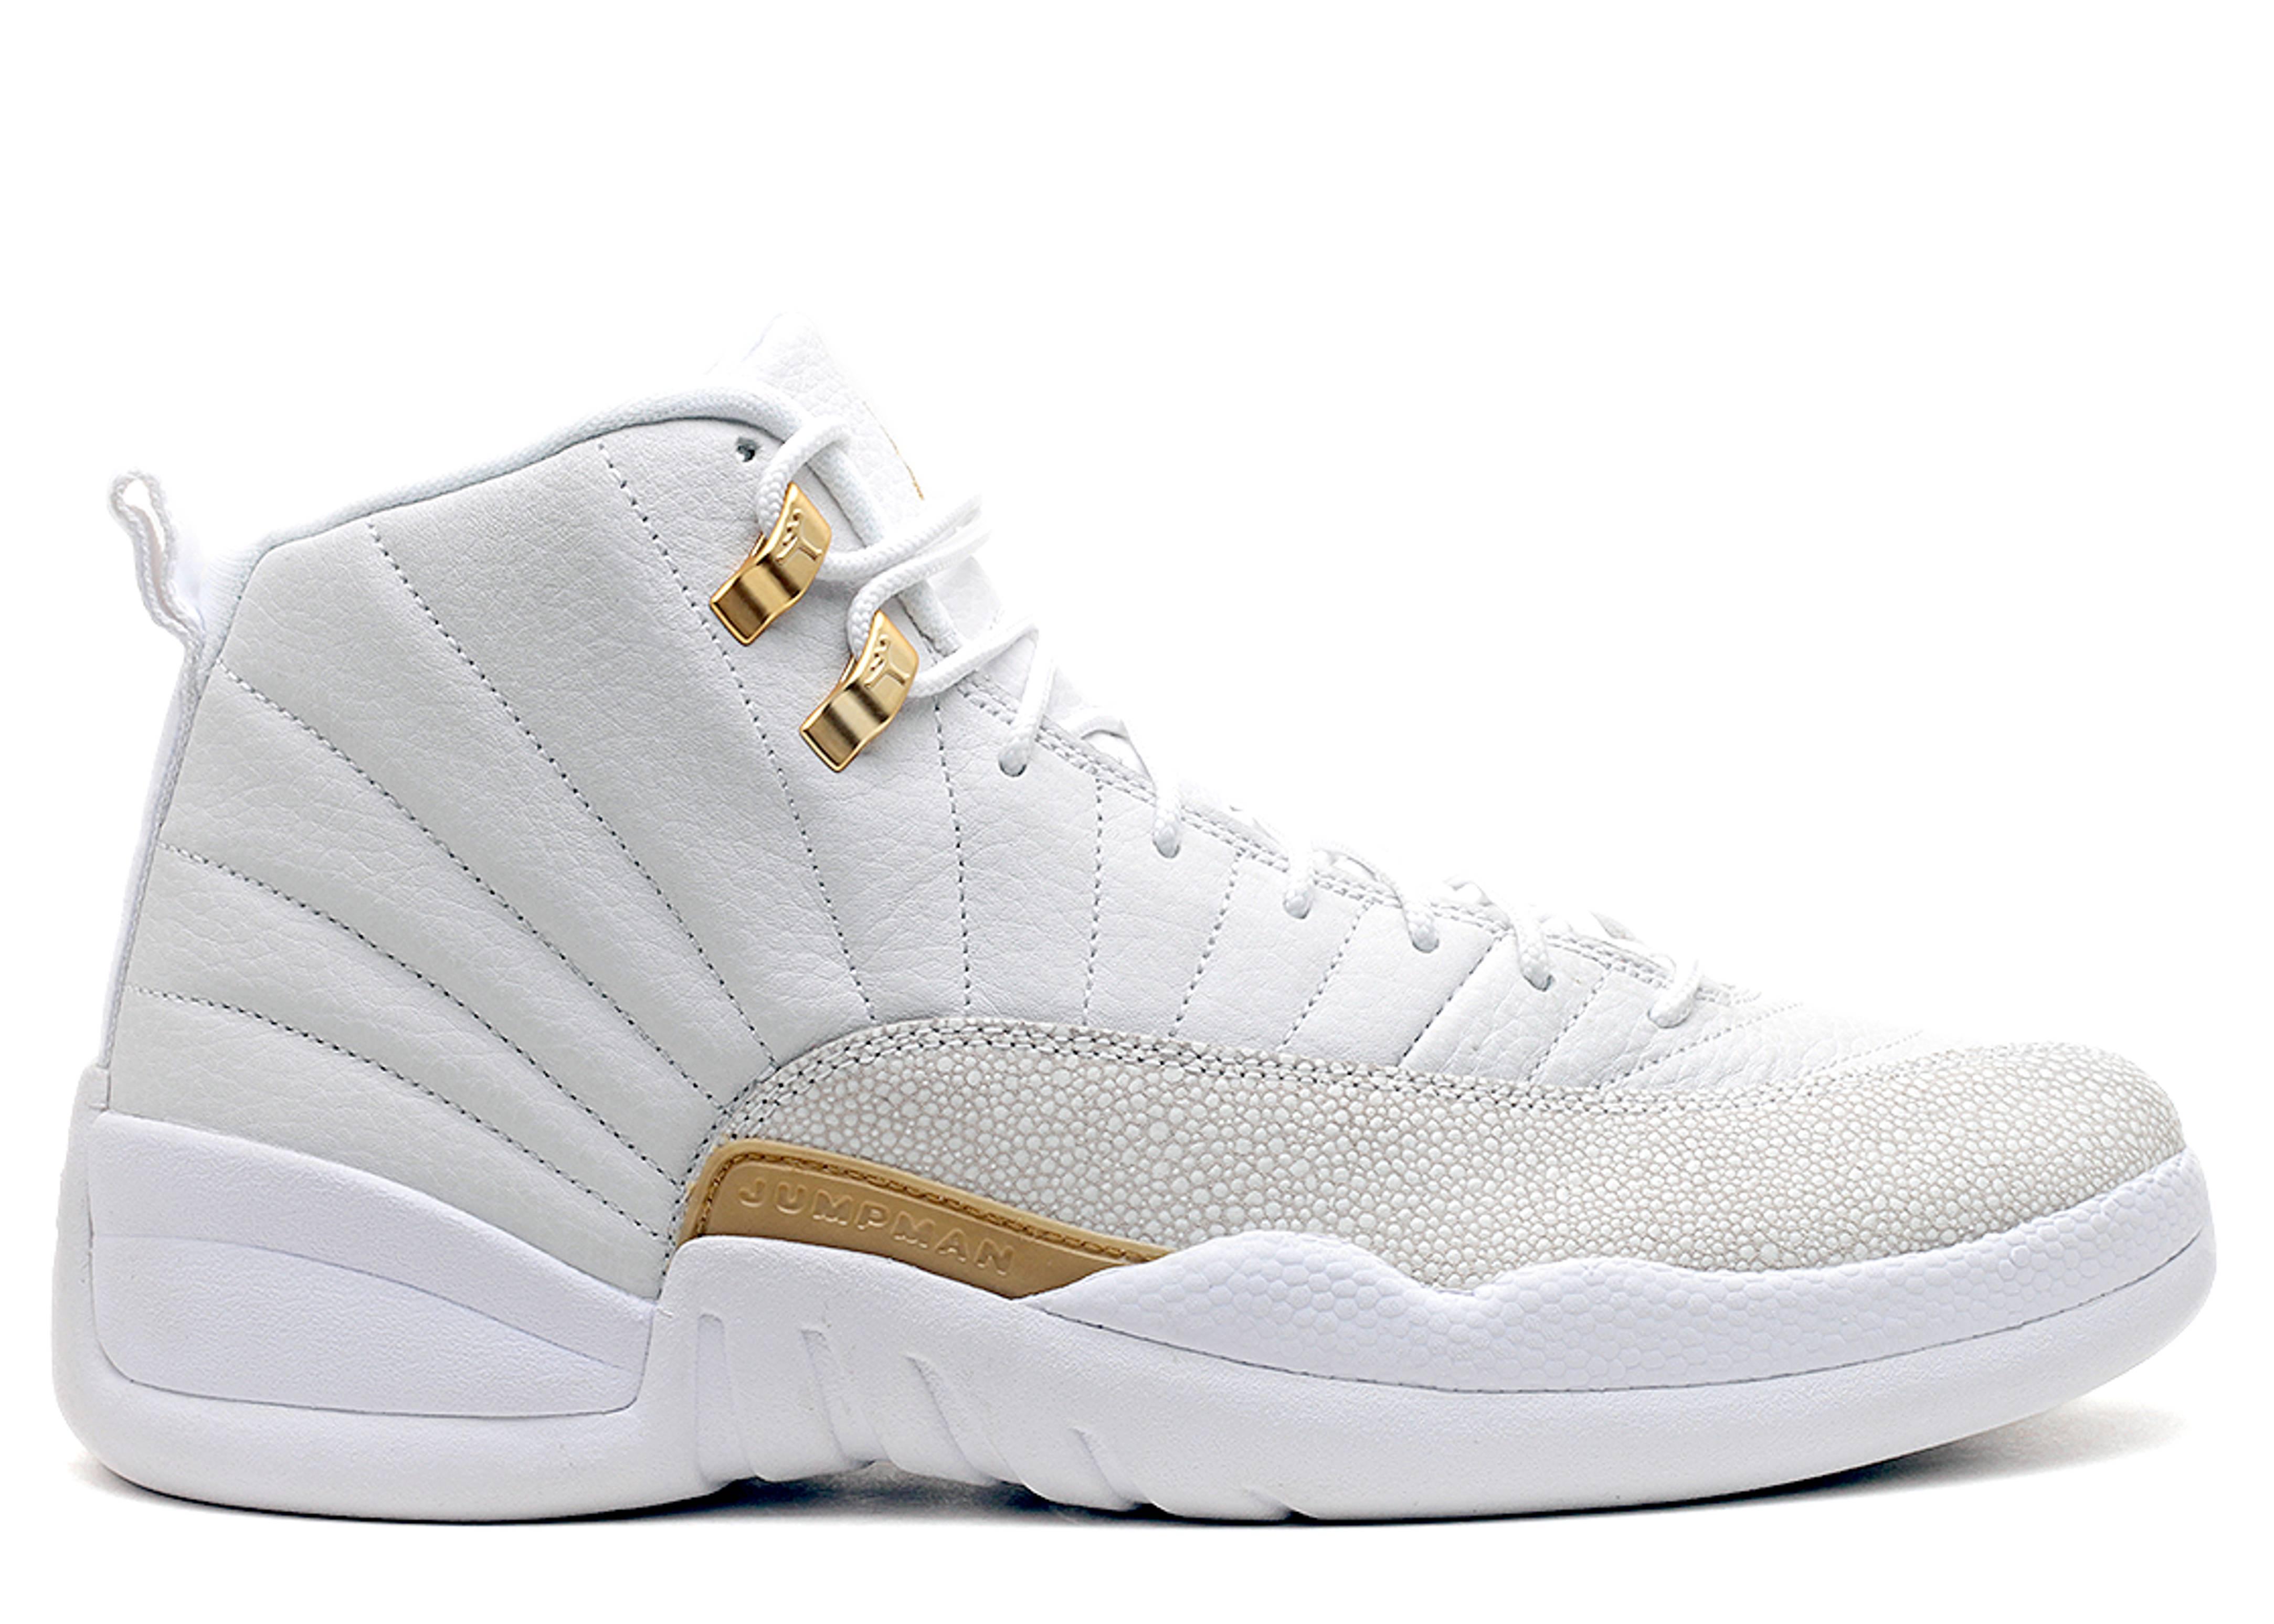 957f8f31500305 Air Jordan 12